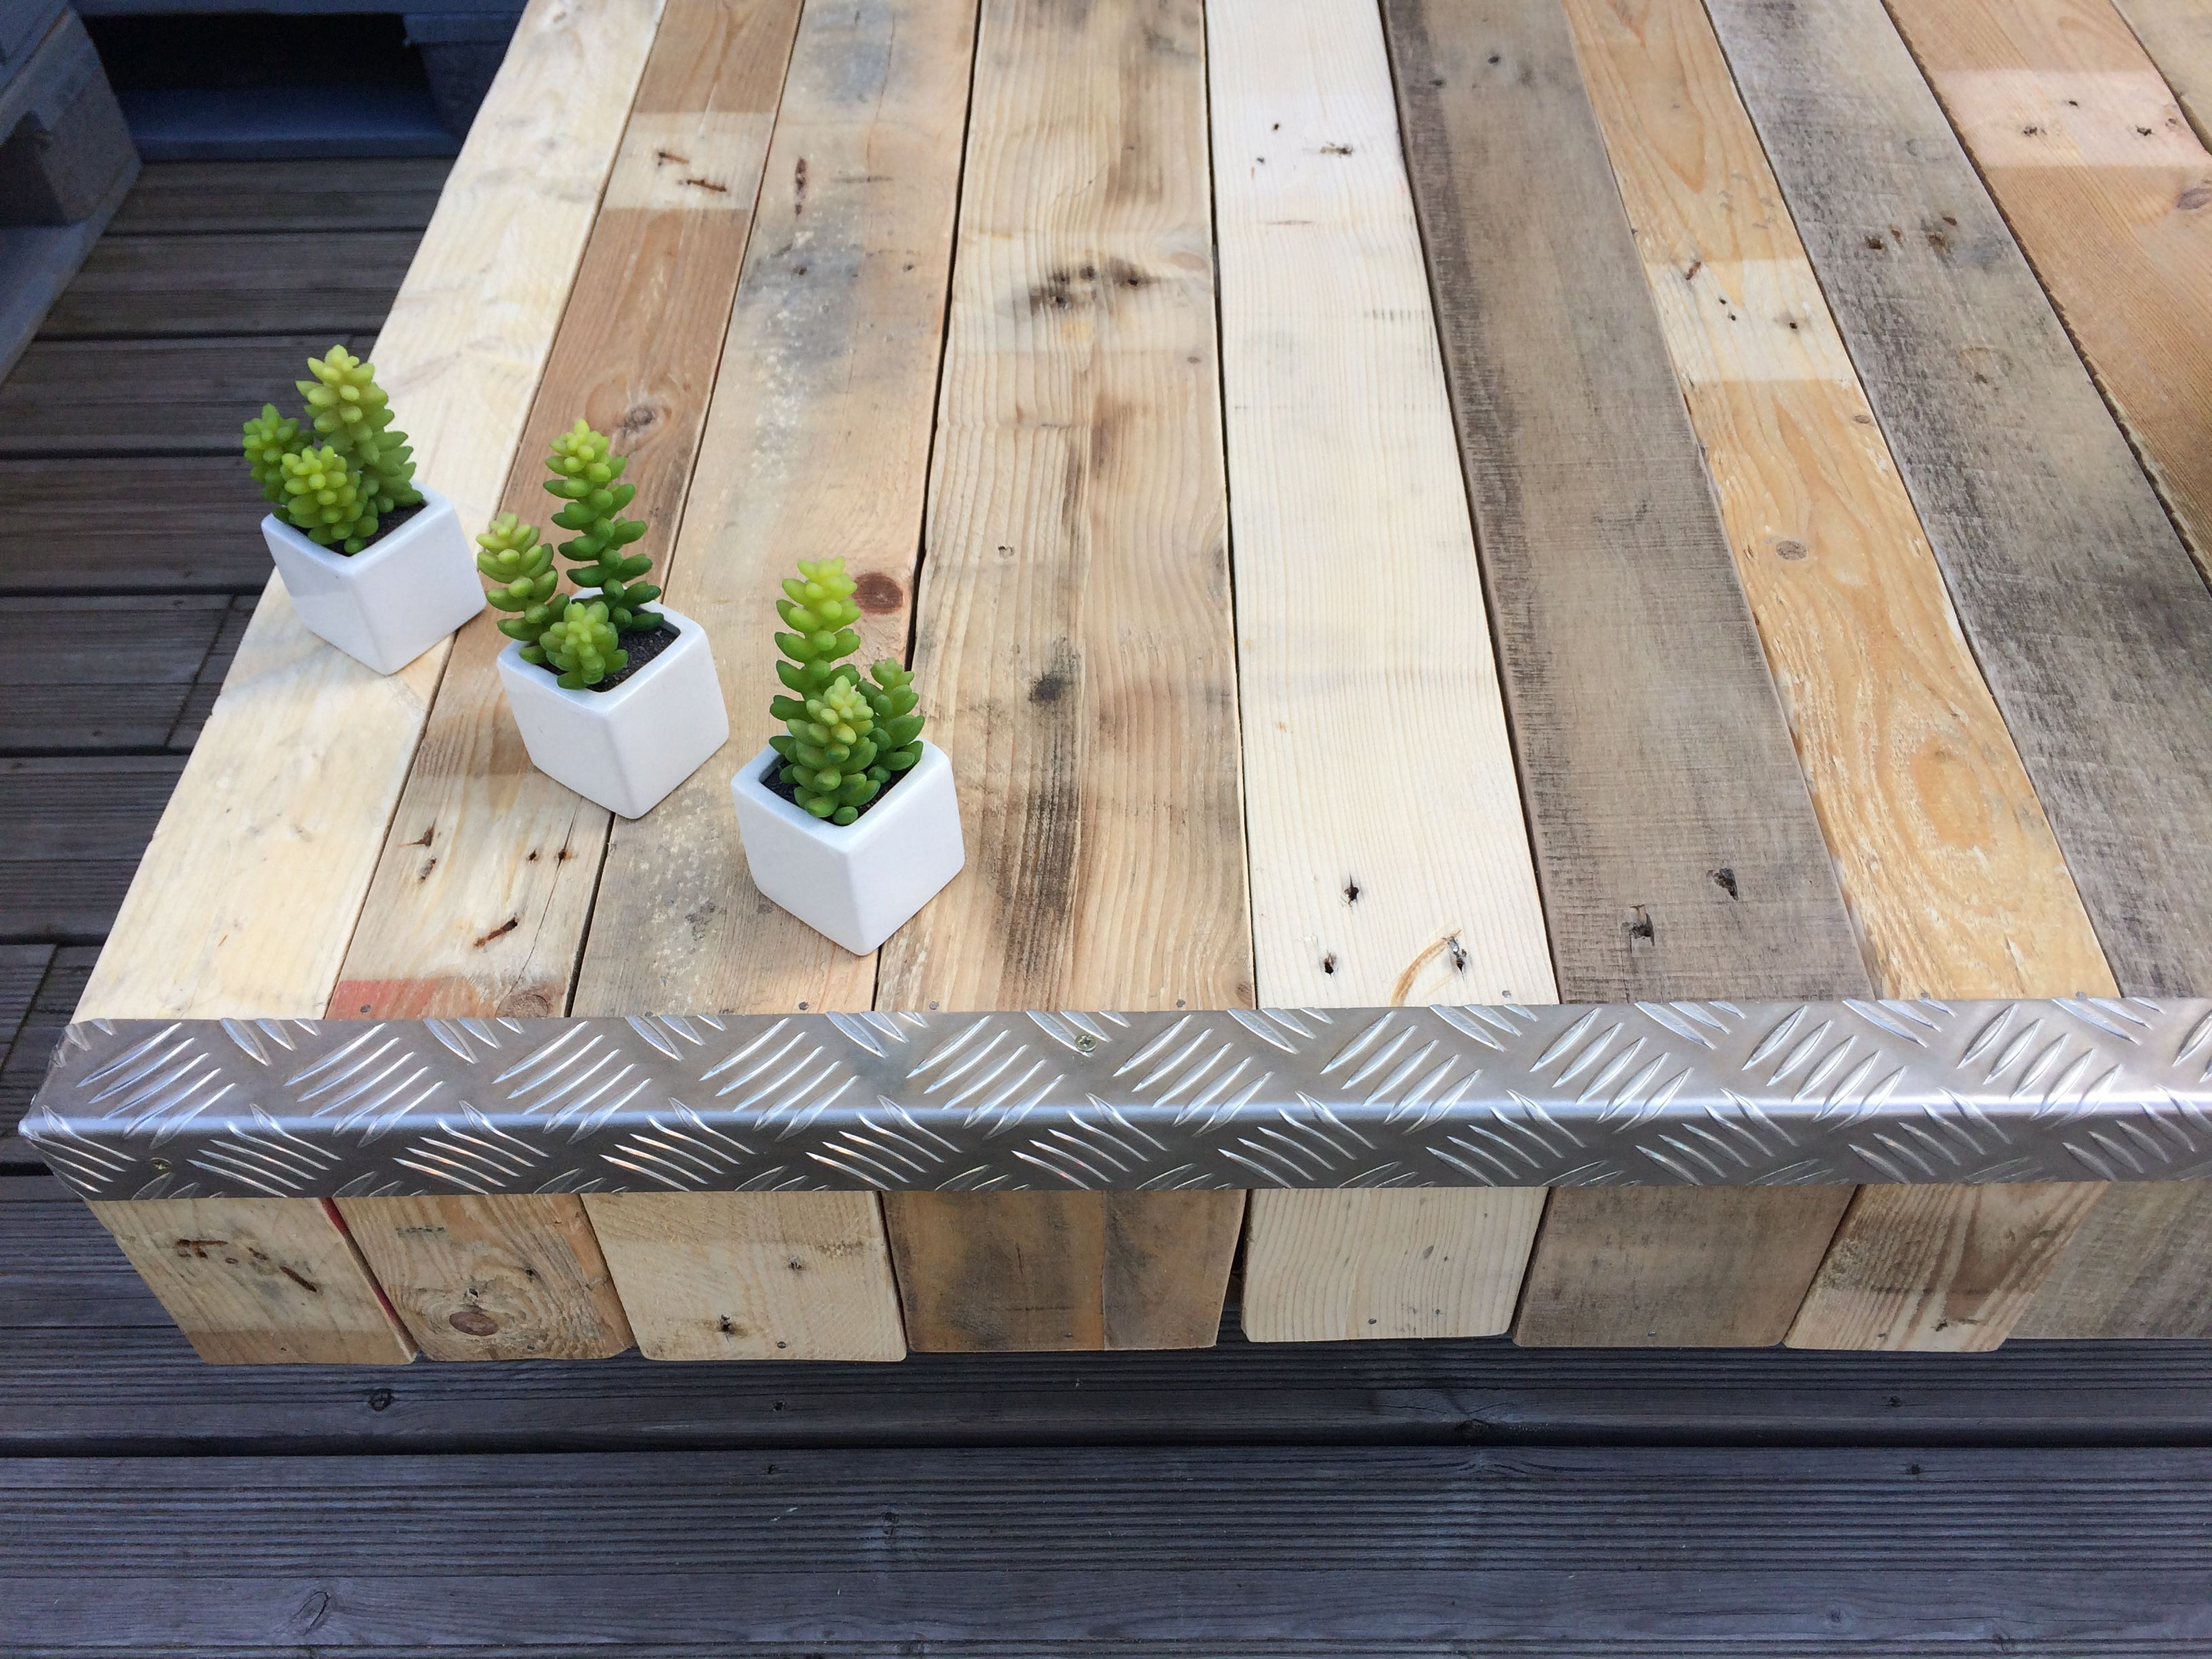 table en bois de palette meuble vintage en bois brut corni re en m tal et pied en m tal gris. Black Bedroom Furniture Sets. Home Design Ideas